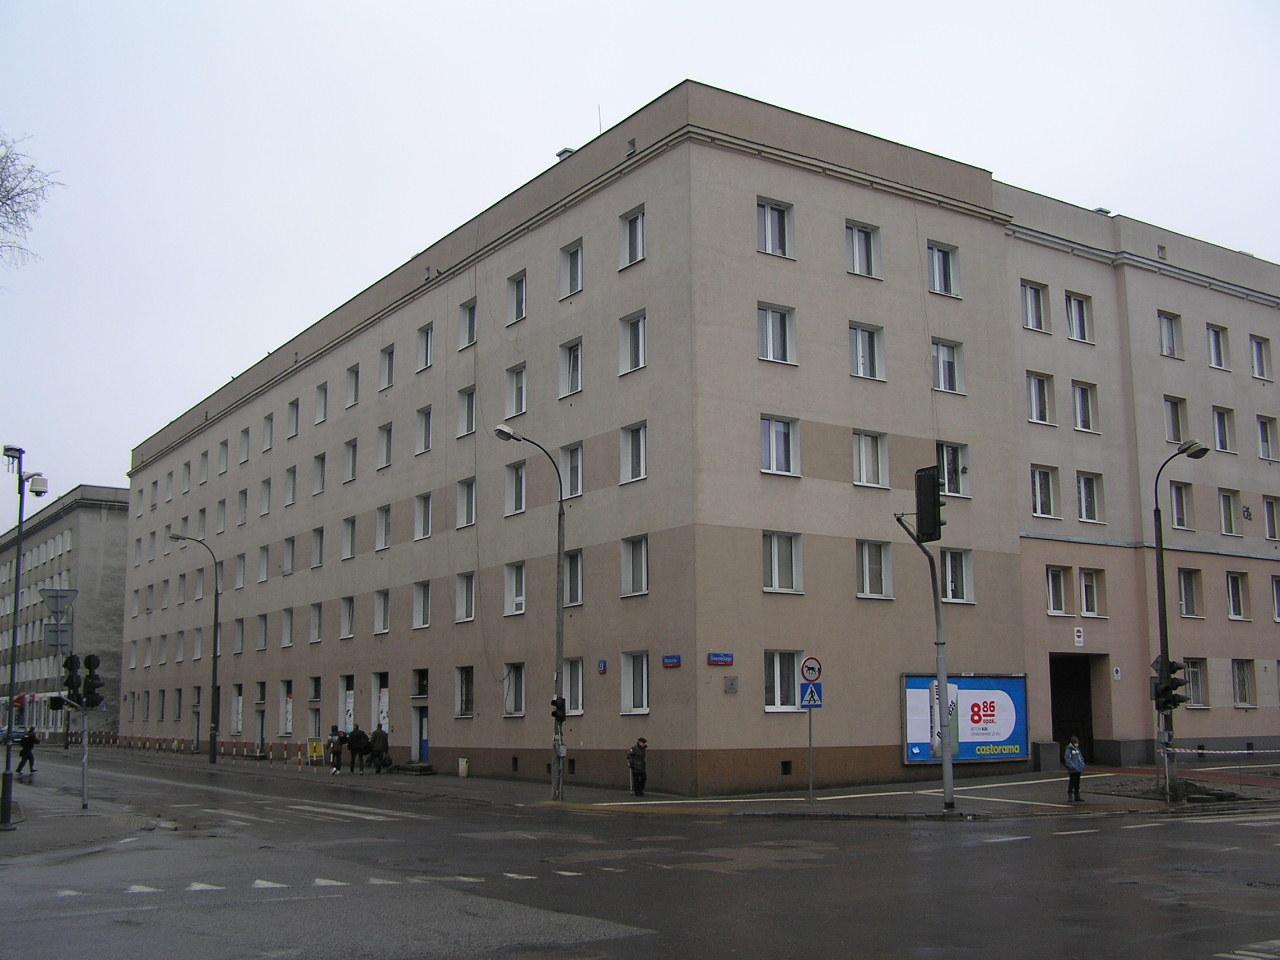 Budynek przy ulicy Wiatracznej 23 na Grochowie